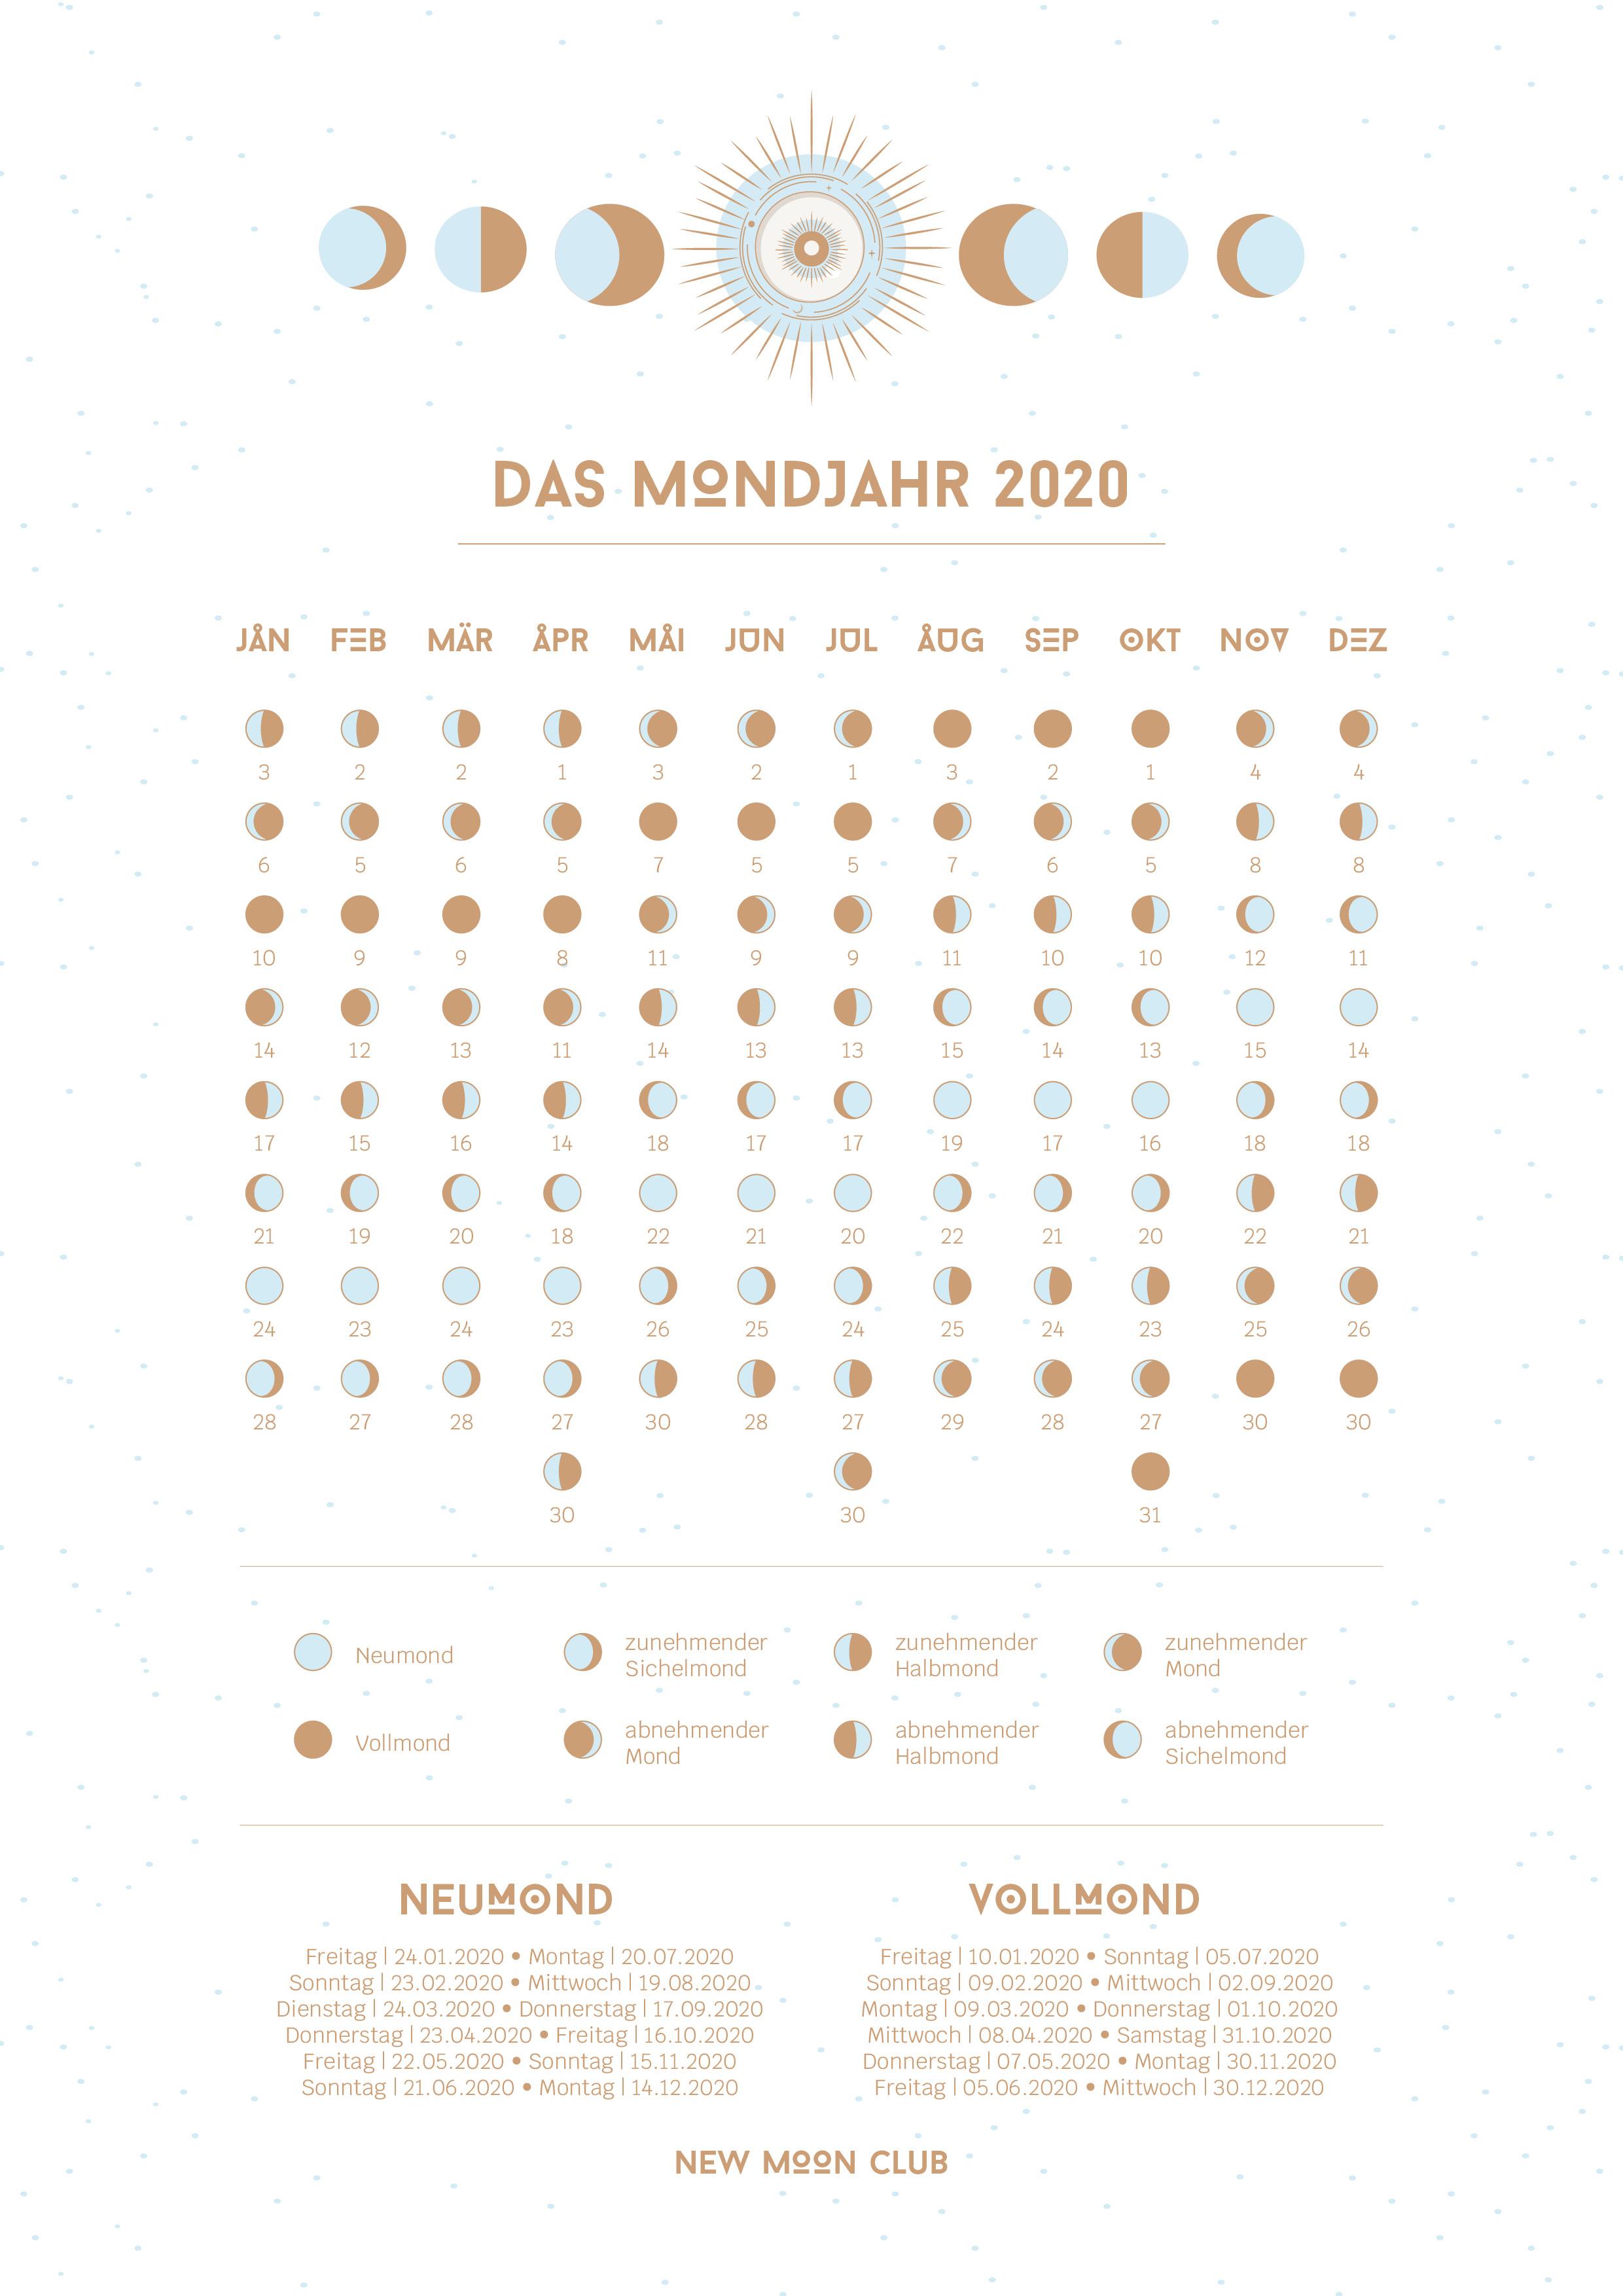 Mondkalender 2020 - alle Mondphasen, Neumond und Vollmond.